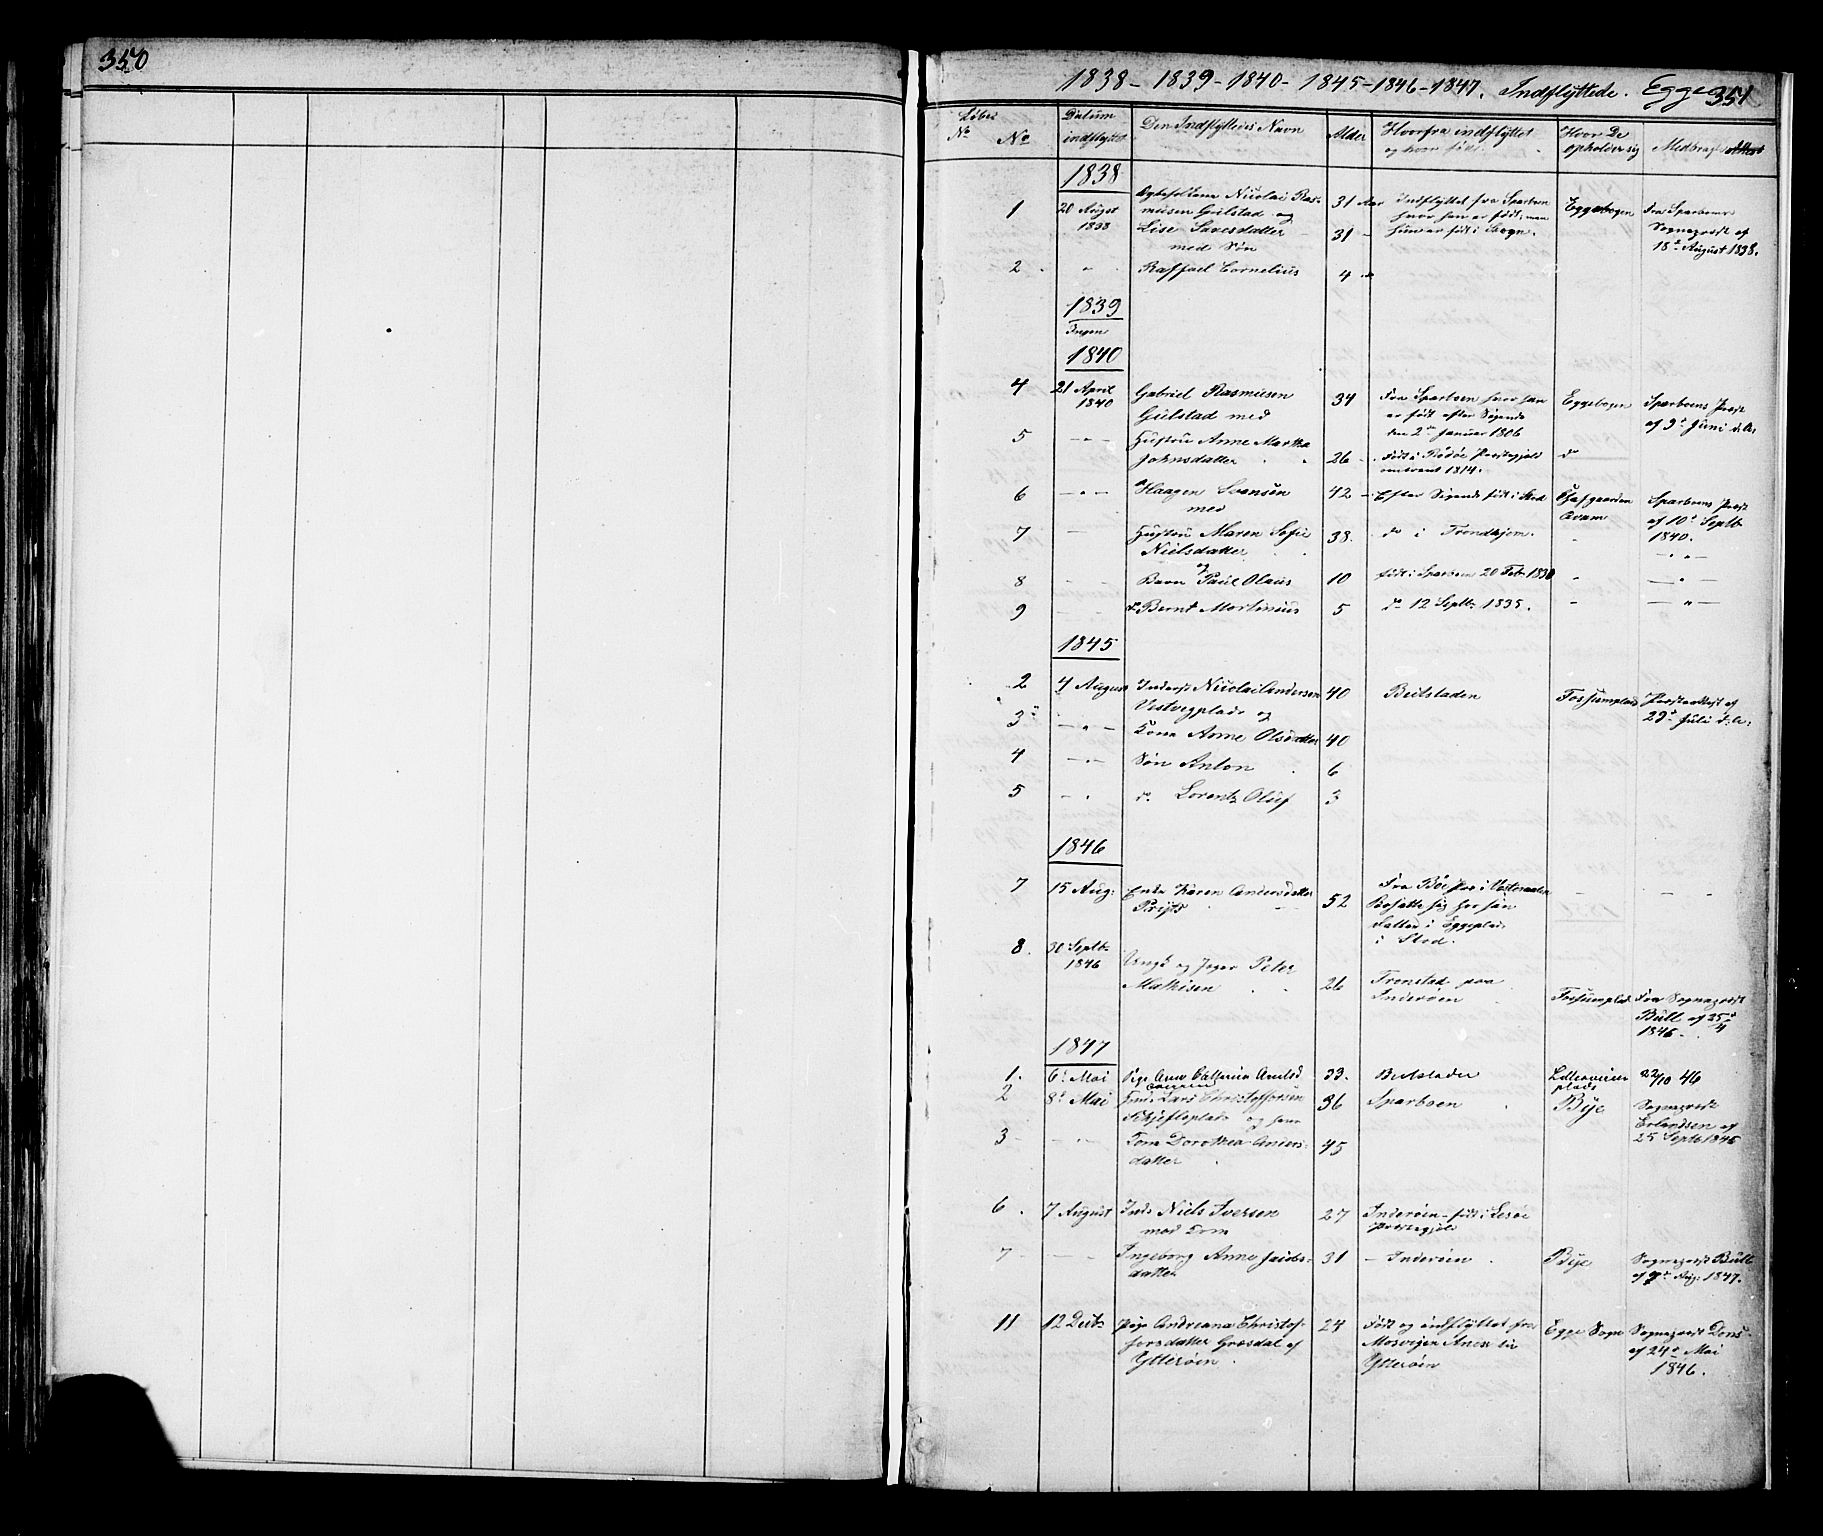 SAT, Ministerialprotokoller, klokkerbøker og fødselsregistre - Nord-Trøndelag, 739/L0367: Ministerialbok nr. 739A01 /3, 1838-1868, s. 350-351